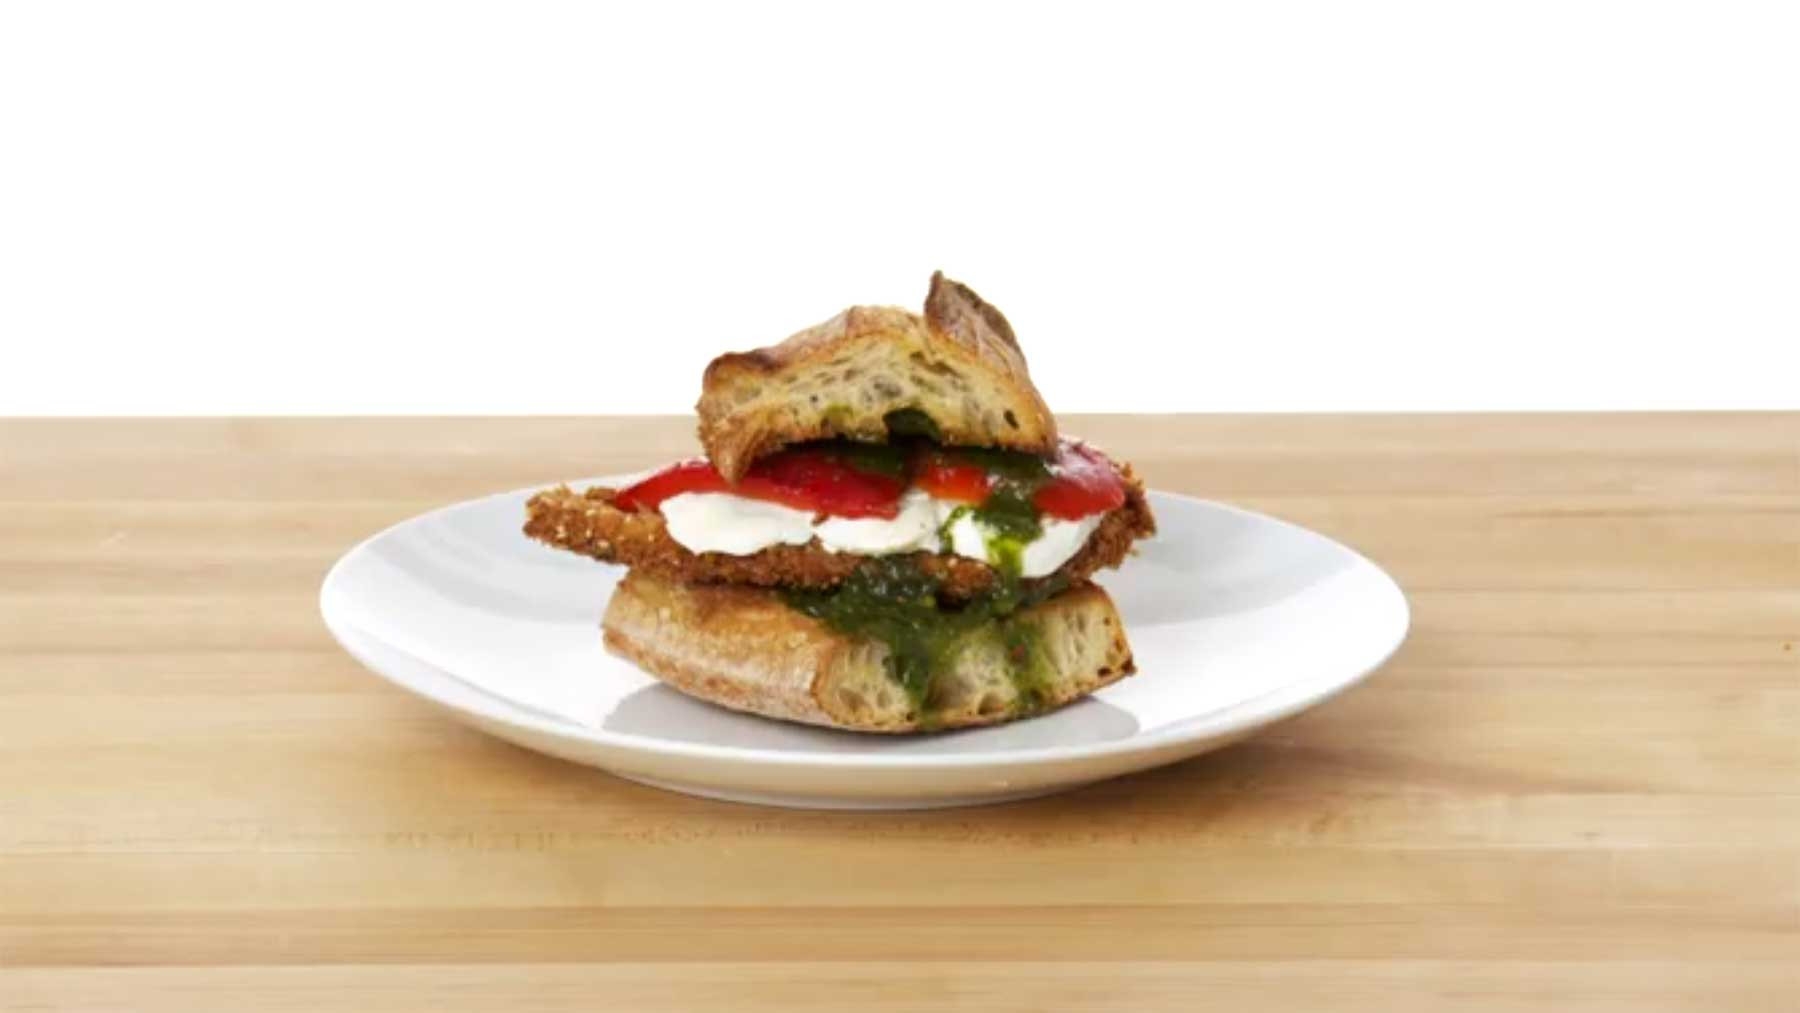 Köche unterschiedlicher Fähigkeitsstufen bereiten Chicken Sandwiches zu